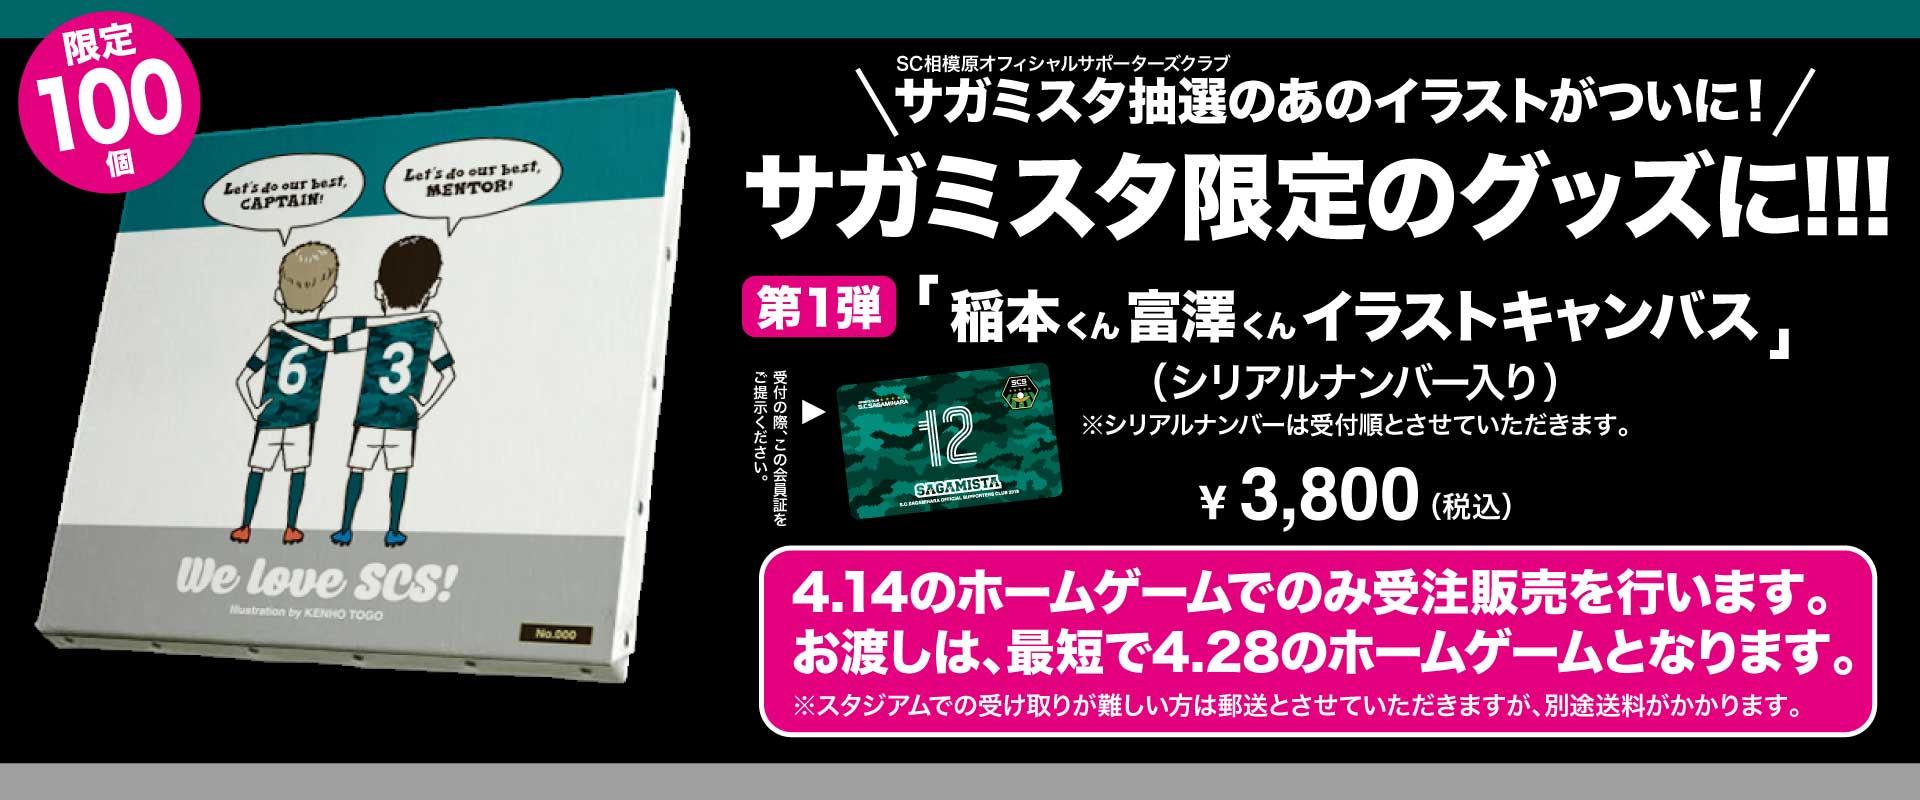 サガミスタ限定グッズ_01.jpg